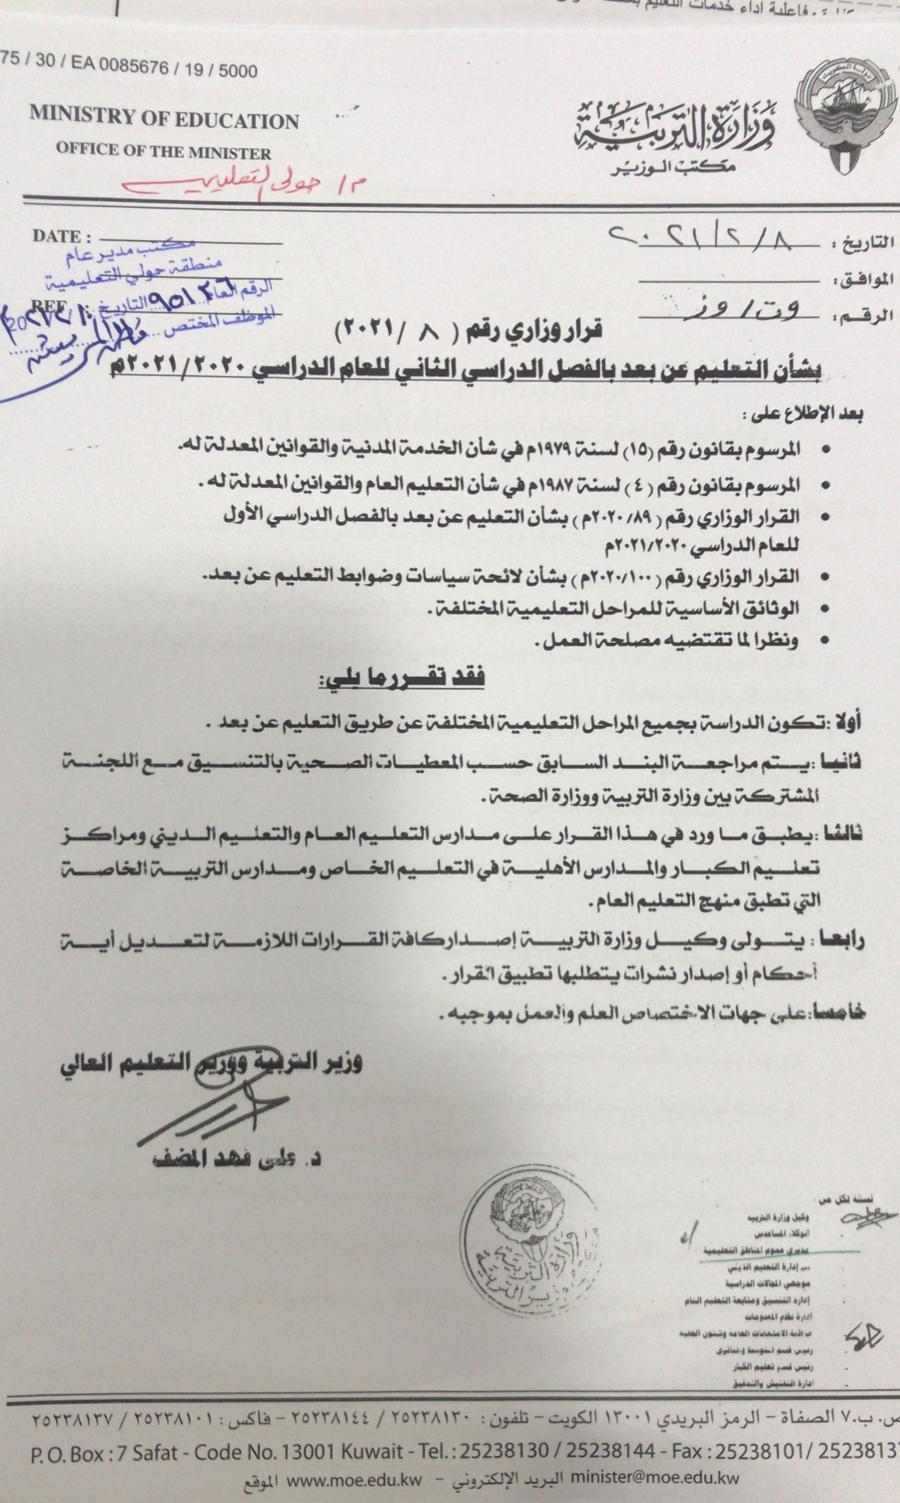 لاعودة للدراسة في الفصل الدراسي الثاني في الكويت